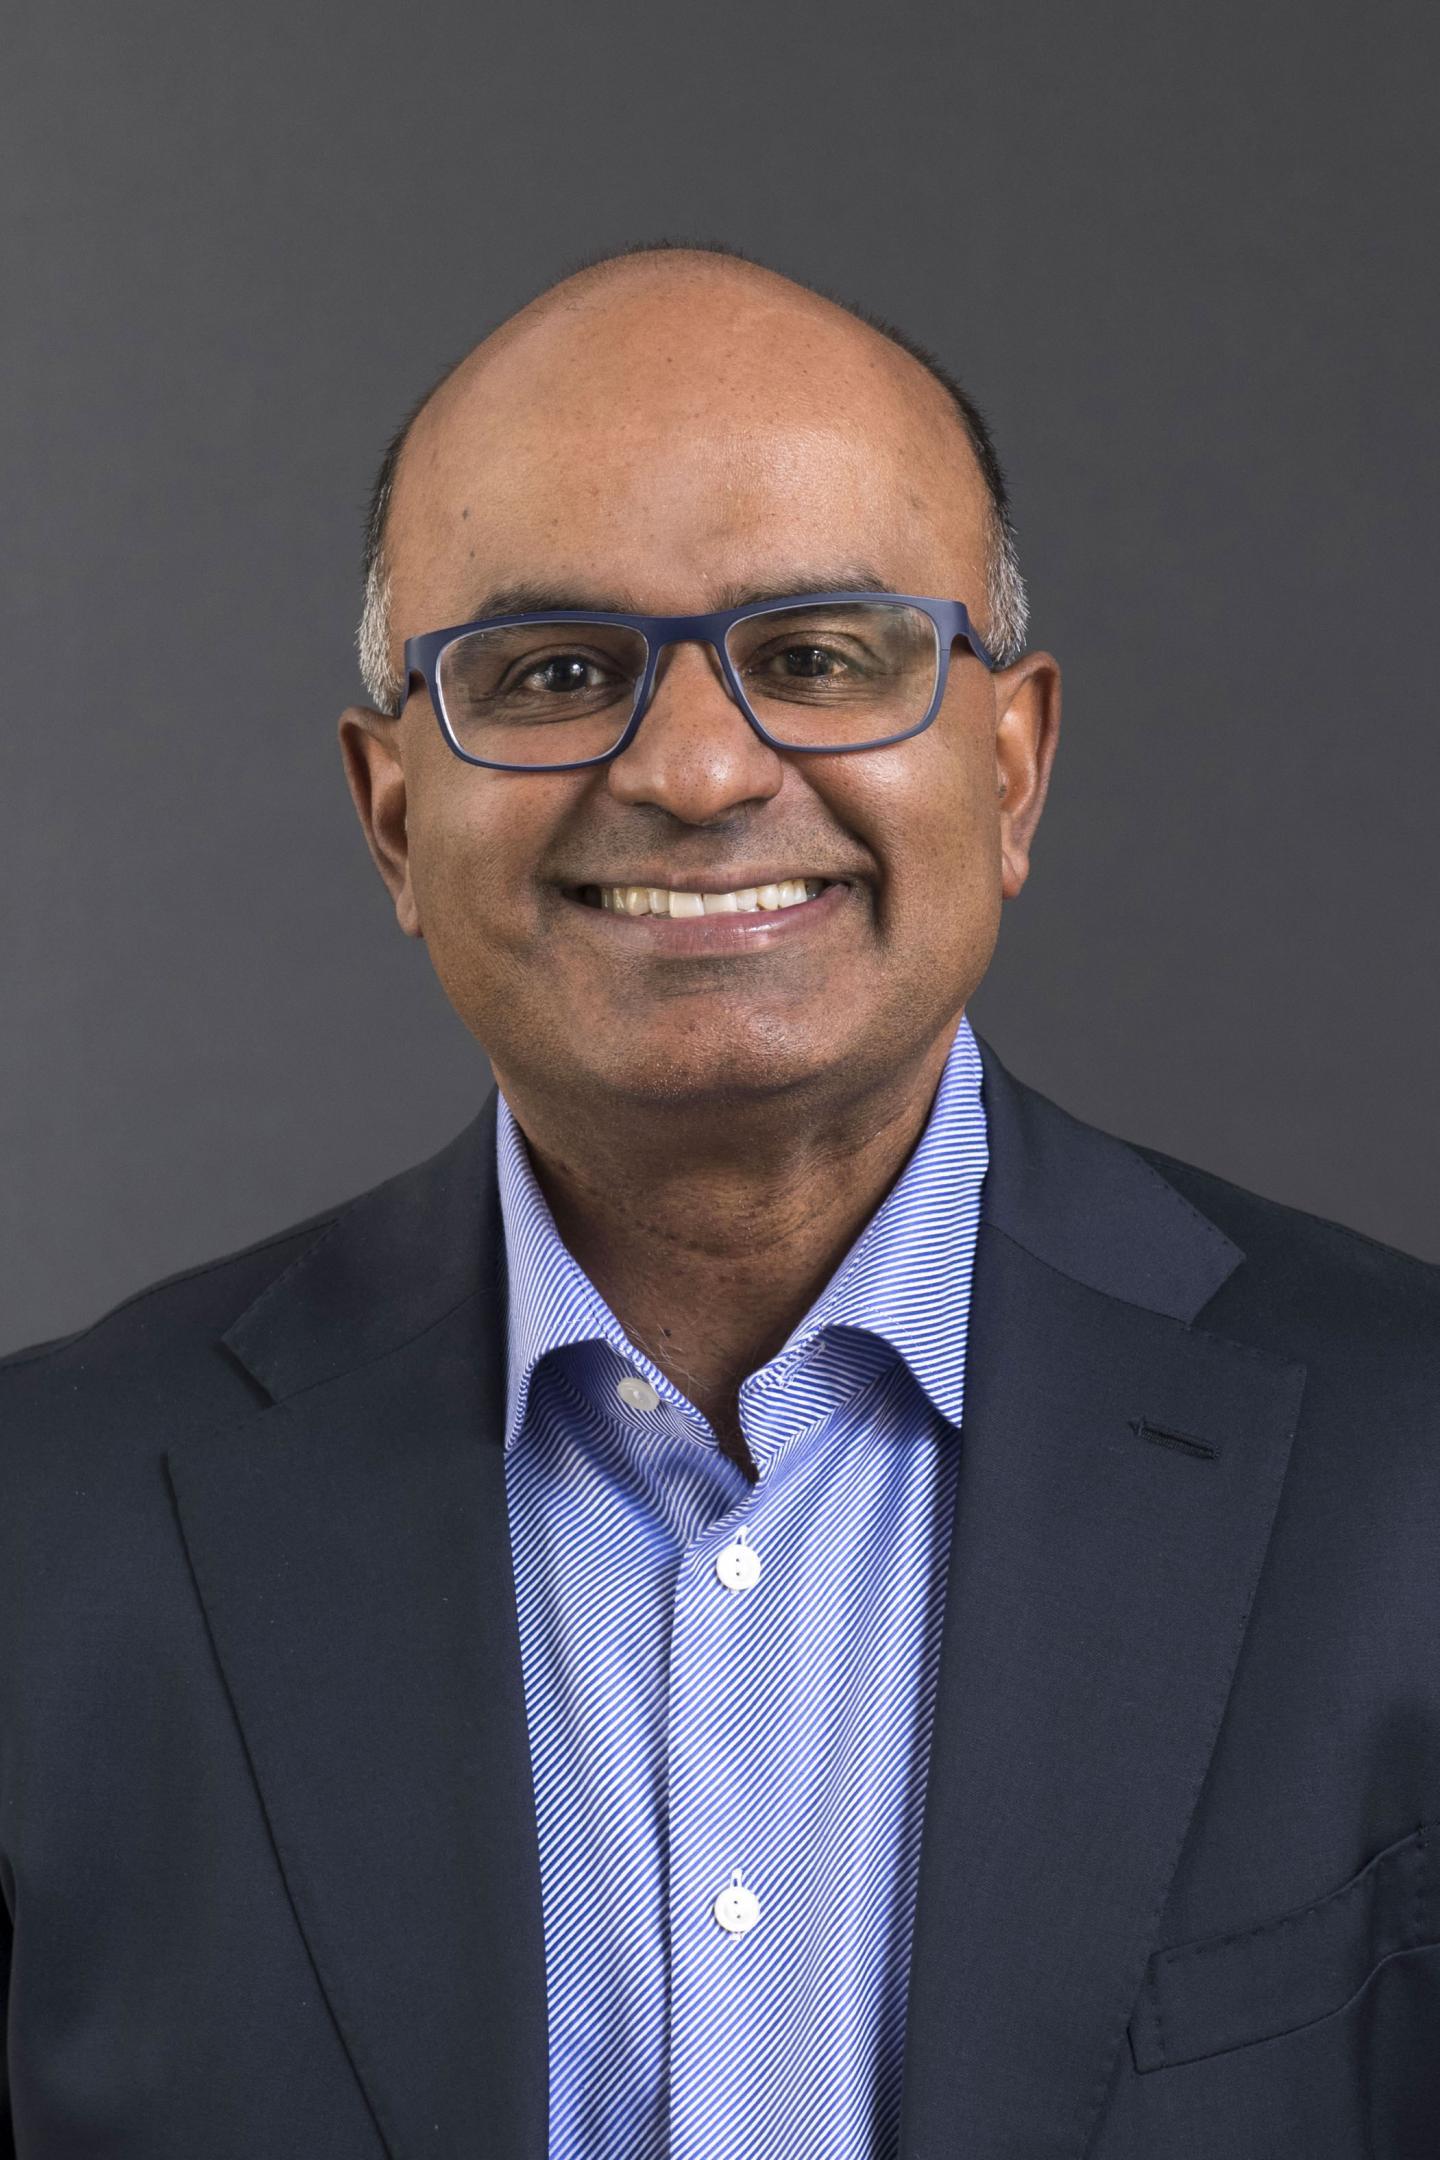 Sekar Kathiresan, M.D., Recipient of ASHG's 2018 Curt Stern Award